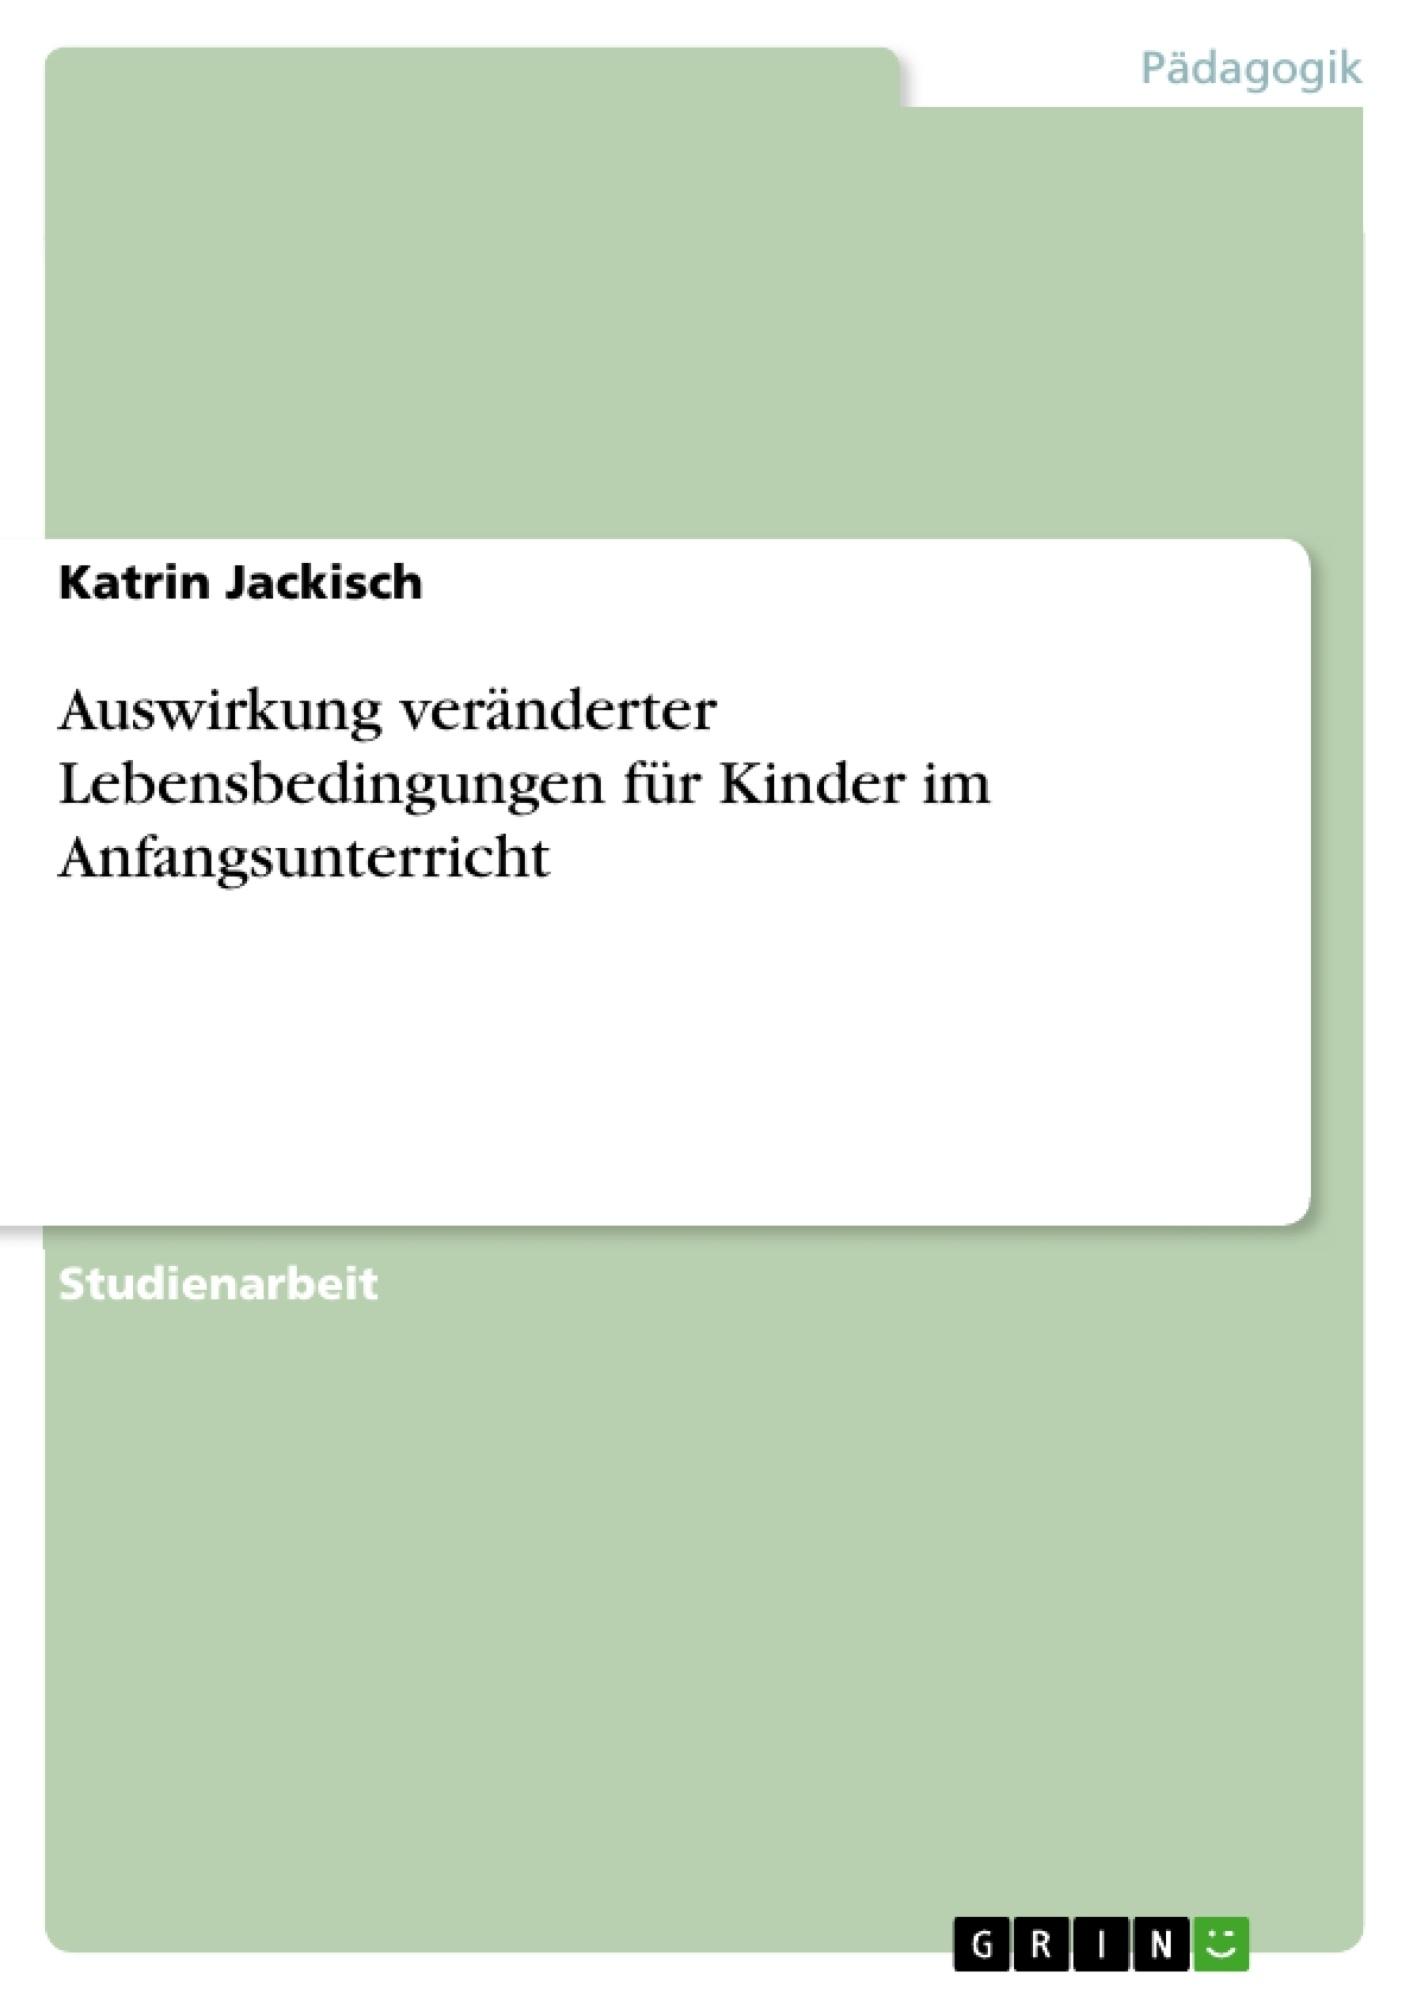 Titel: Auswirkung veränderter Lebensbedingungen für  Kinder im Anfangsunterricht